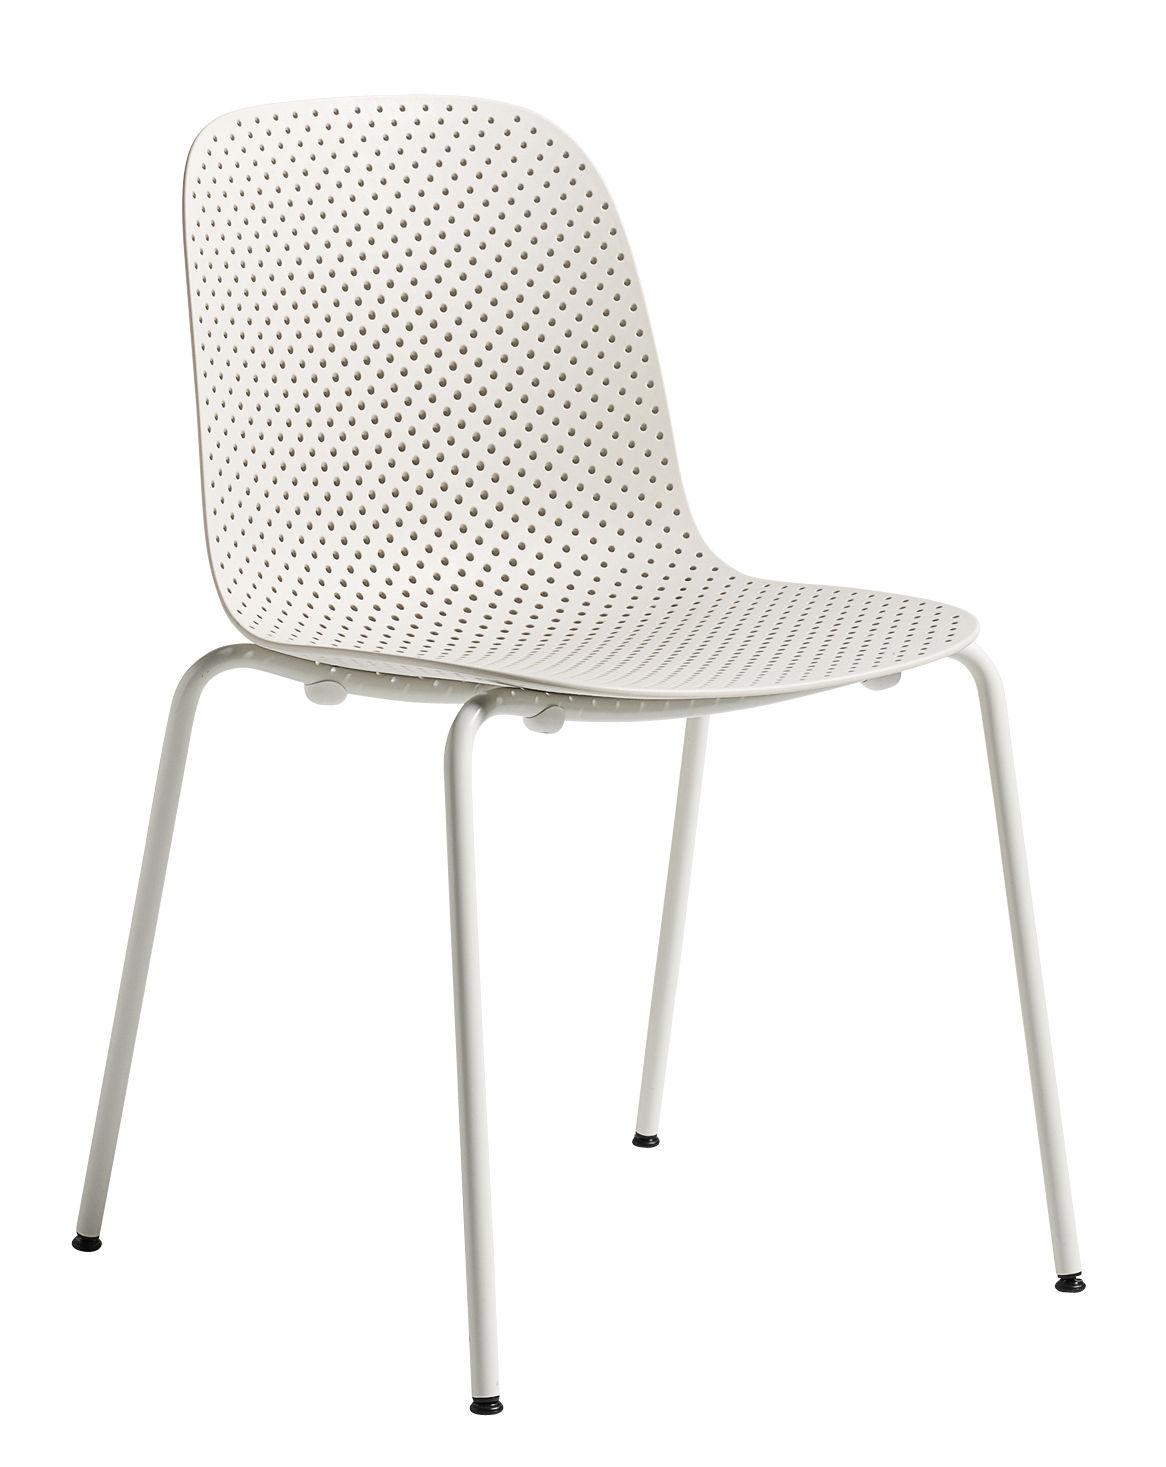 Mobilier - Chaises, fauteuils de salle à manger - Chaise empilable 13eighty / Plastique perforé - Hay - Blanc - Acier laqué époxy, Polypropylène perforé